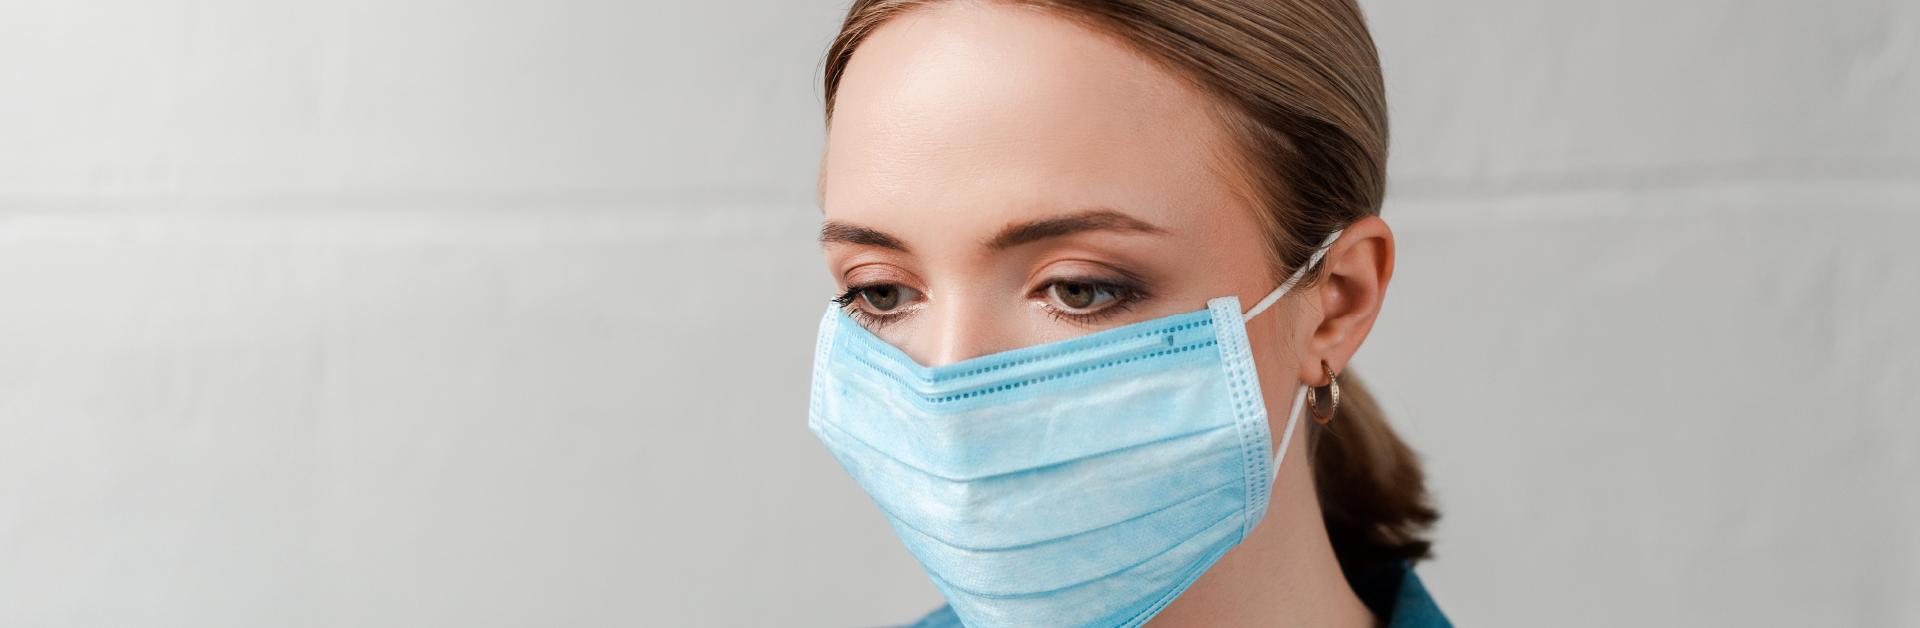 magna-site-banners-Efeitos-da-pandemia-de-COVID-19-na-saúde-mental-e-emocional-blog-pc